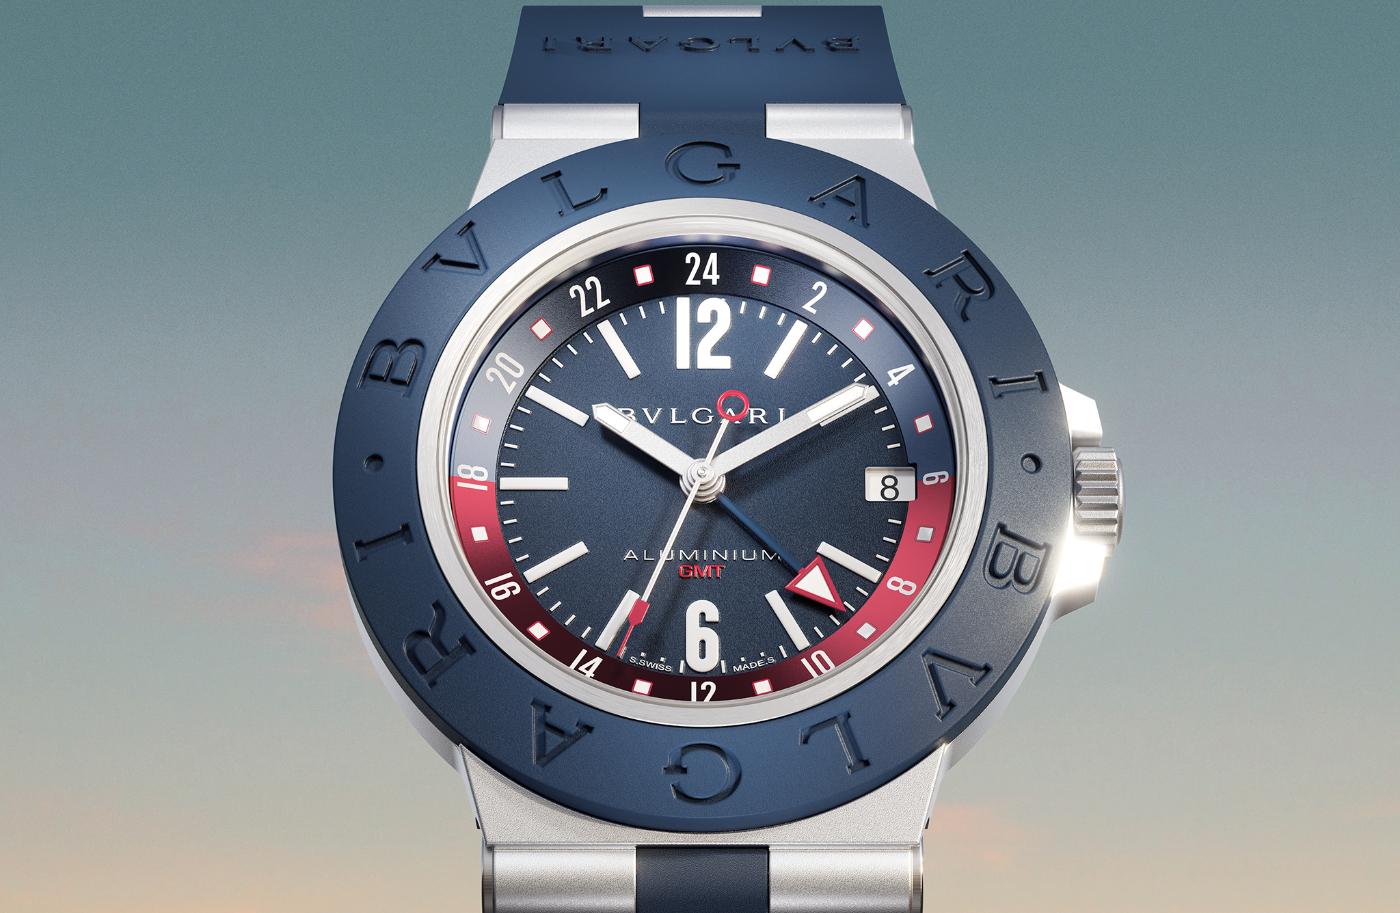 An introduction to Bulgari's new Aluminium GMT